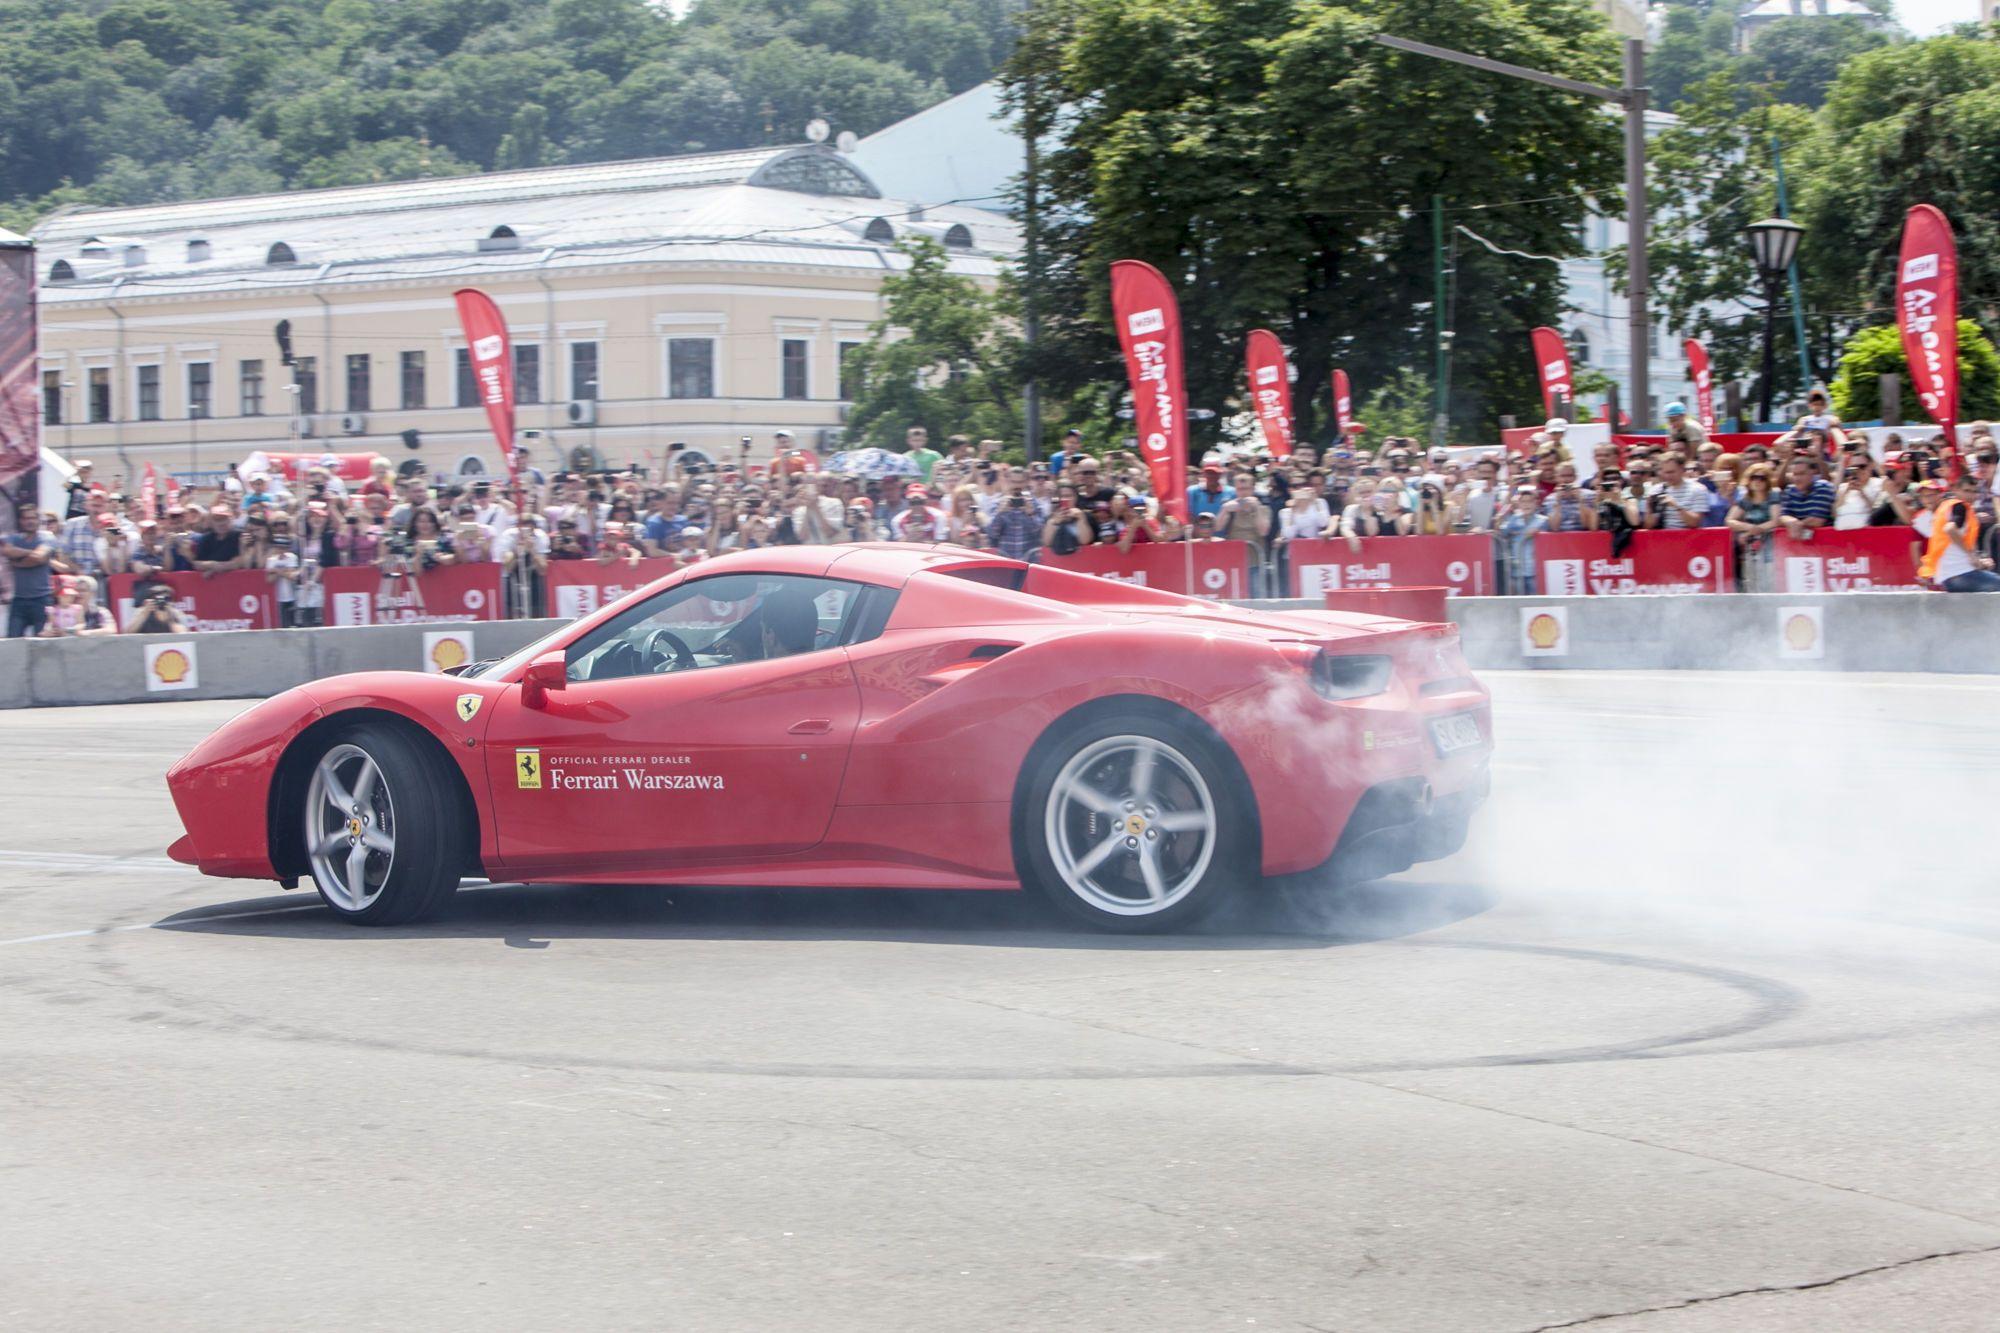 Shell_Scuderia Ferrari _реклама